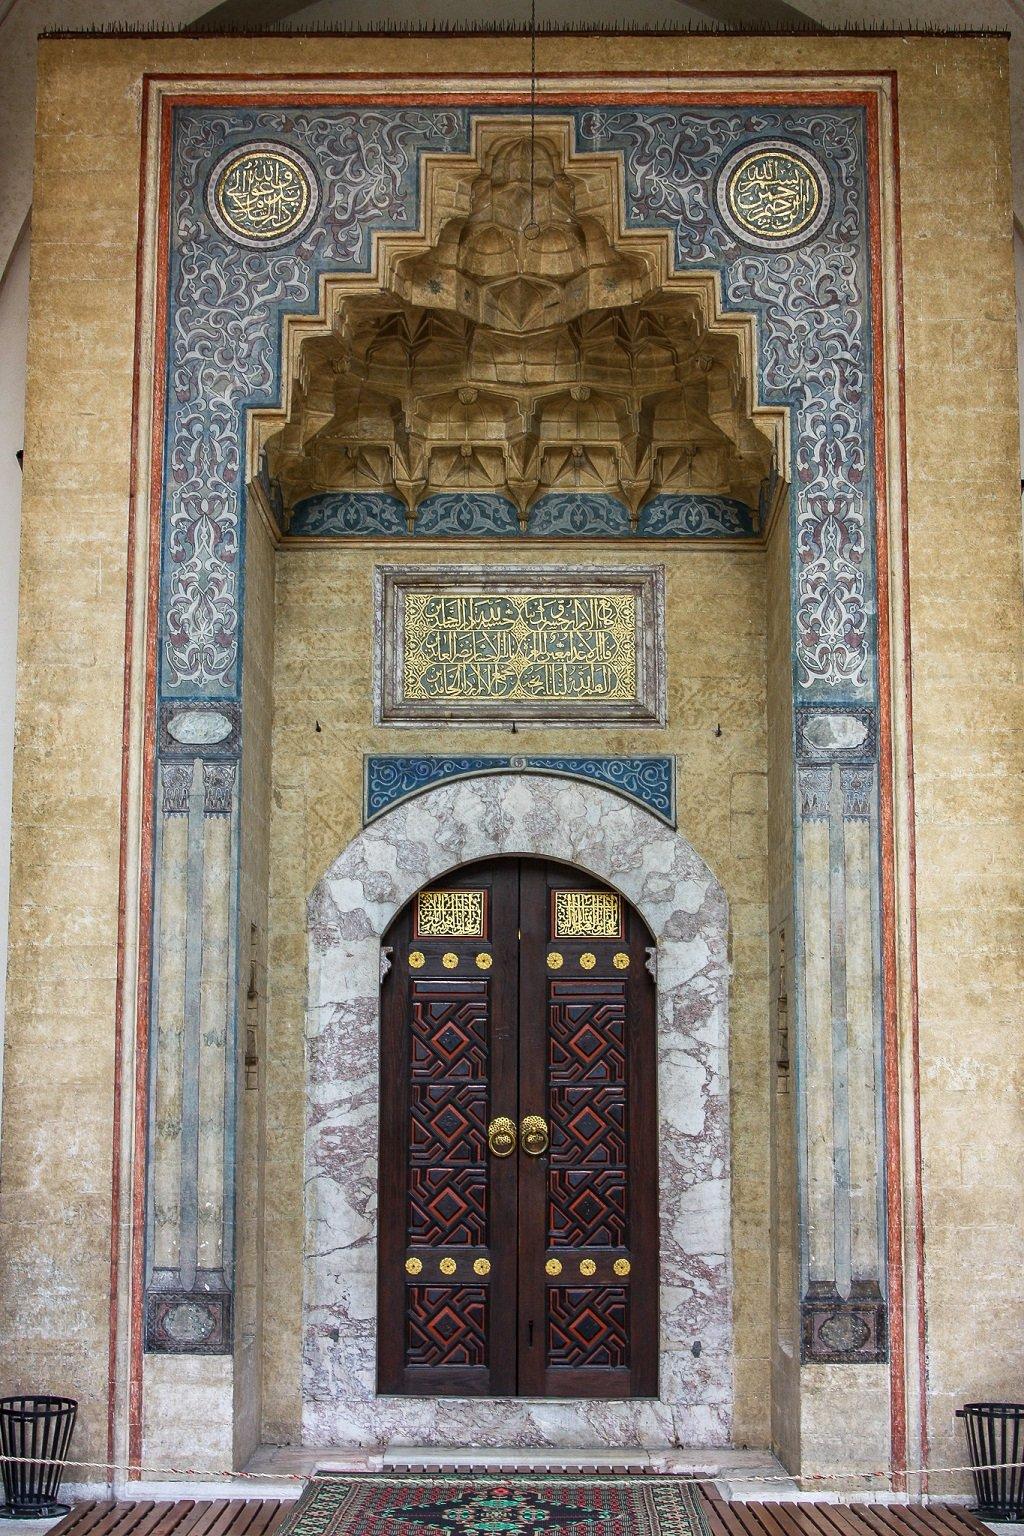 Gazi Husrev-beg Muqranas